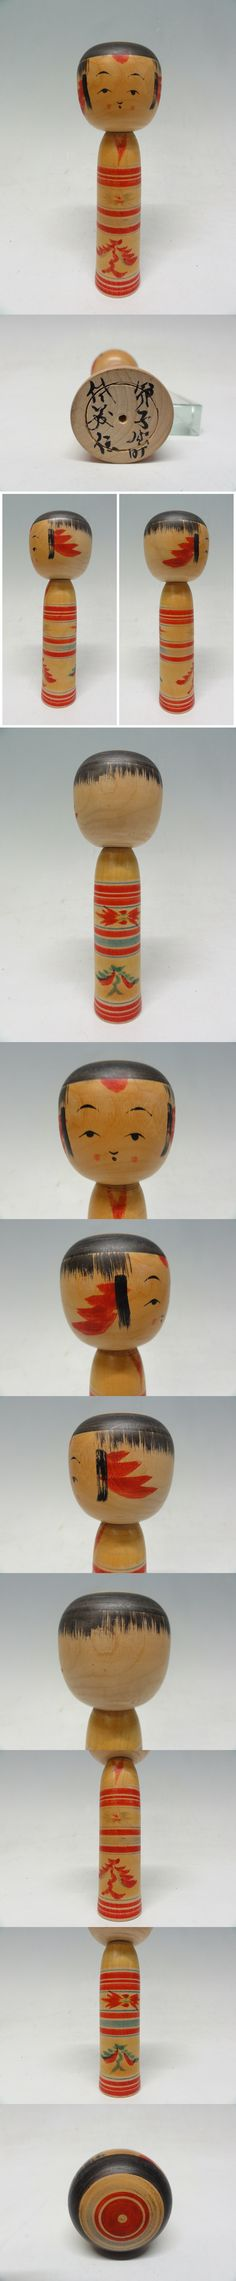 Sato Den 佐藤伝 (1906-1980), Master Sato Den-nai, 18.5 cm